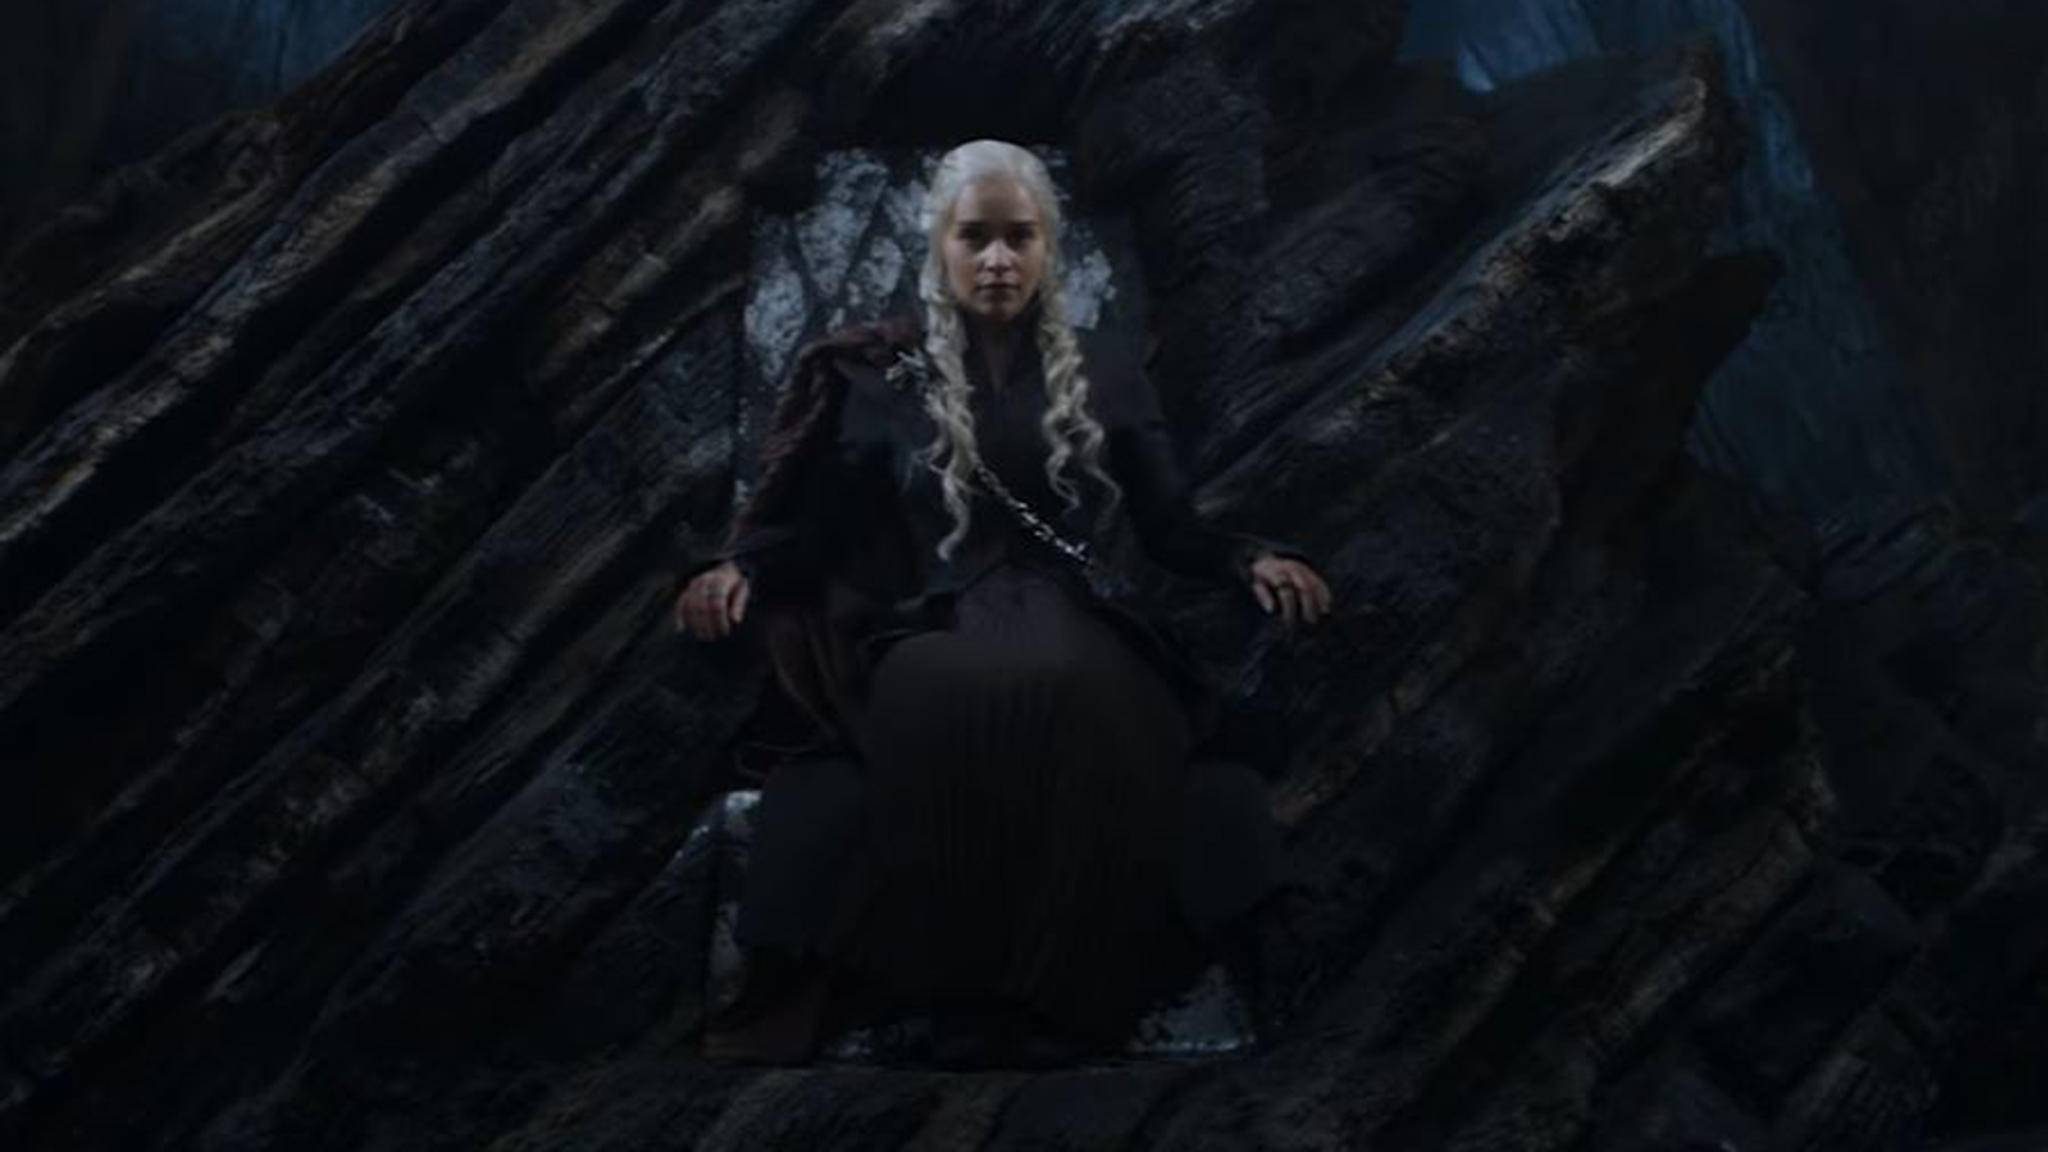 Trägt Daenerys etwa einen kleinen Jon Snow in ihrem Bauch?